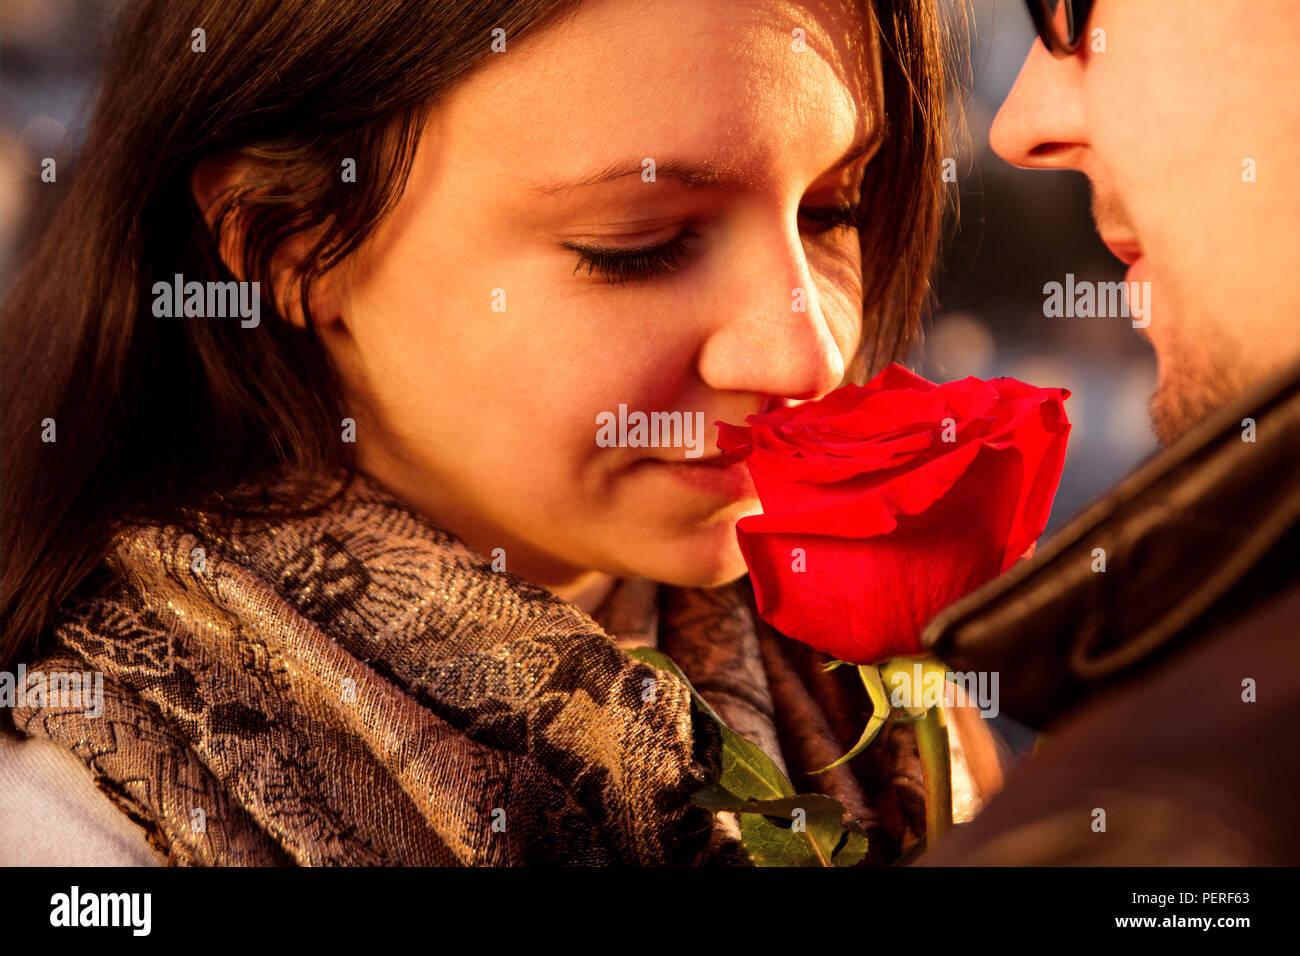 Frohes Und Liebevolles Paar Fur Valentinstag Paar Geniessen Die